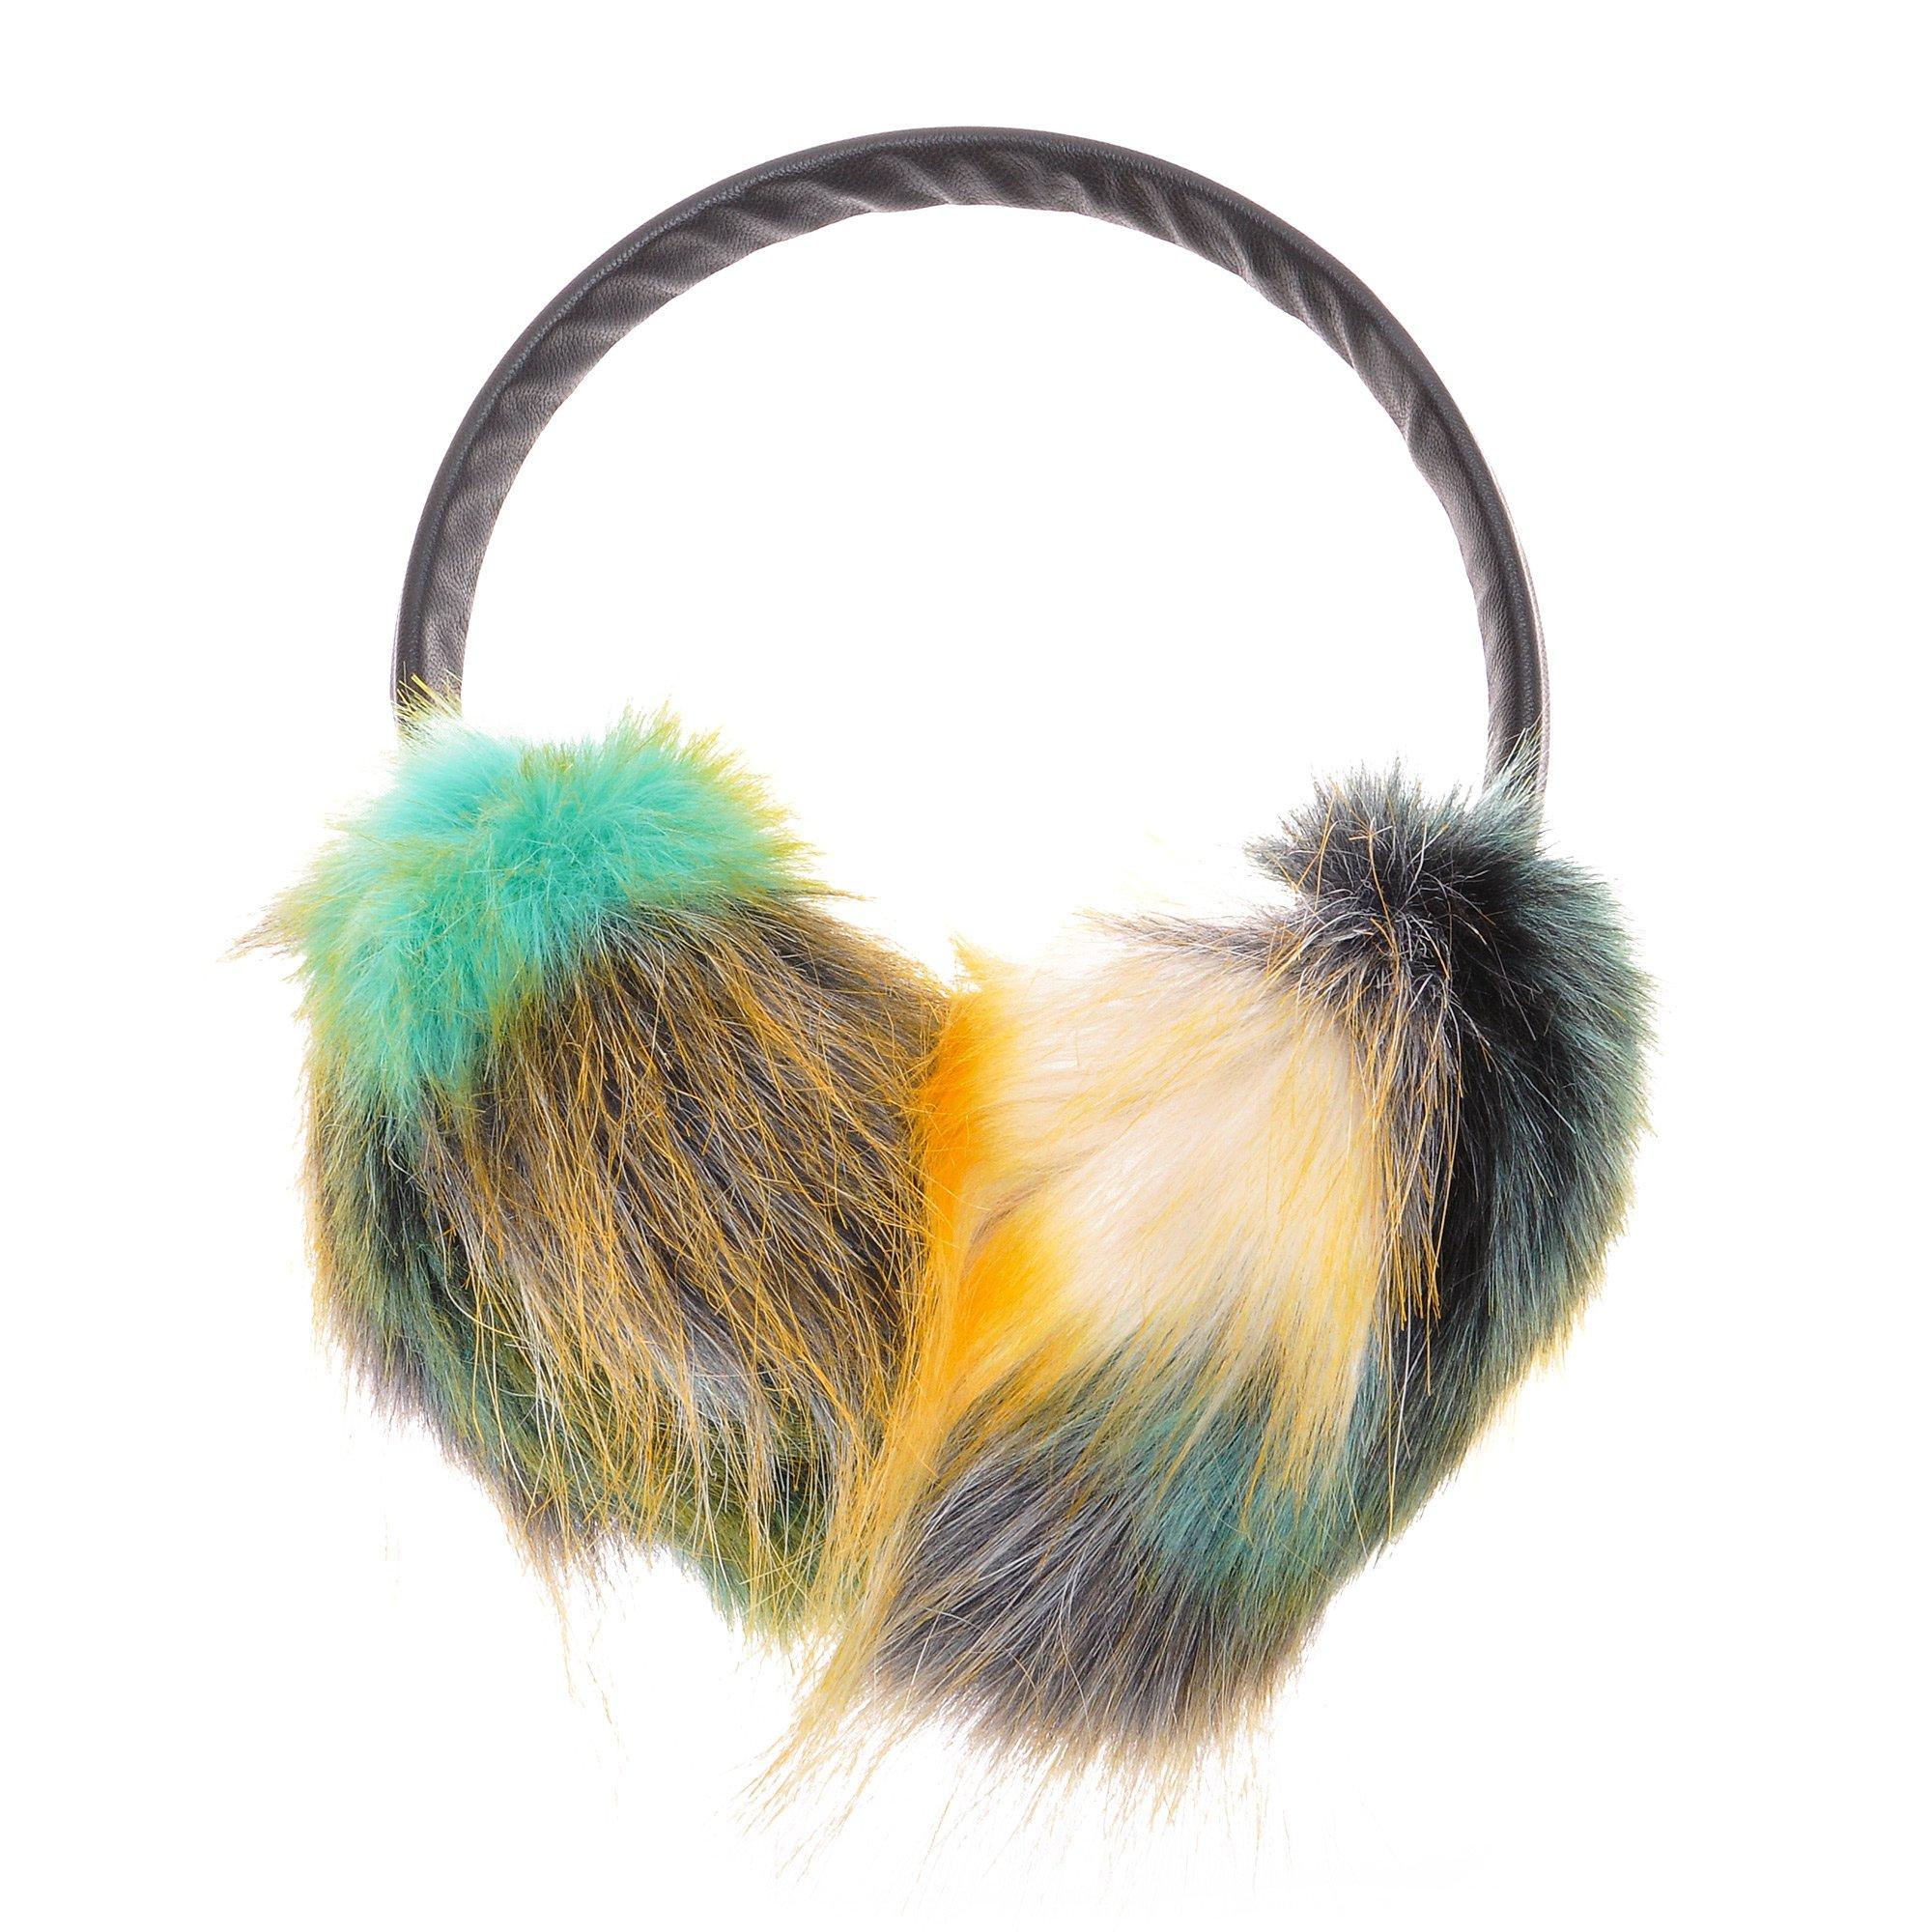 ZLYC Womens Girls Winter Fashion Dye Neon Color Faux Fur EarMuffs Adjustable Ear Warmers, Green